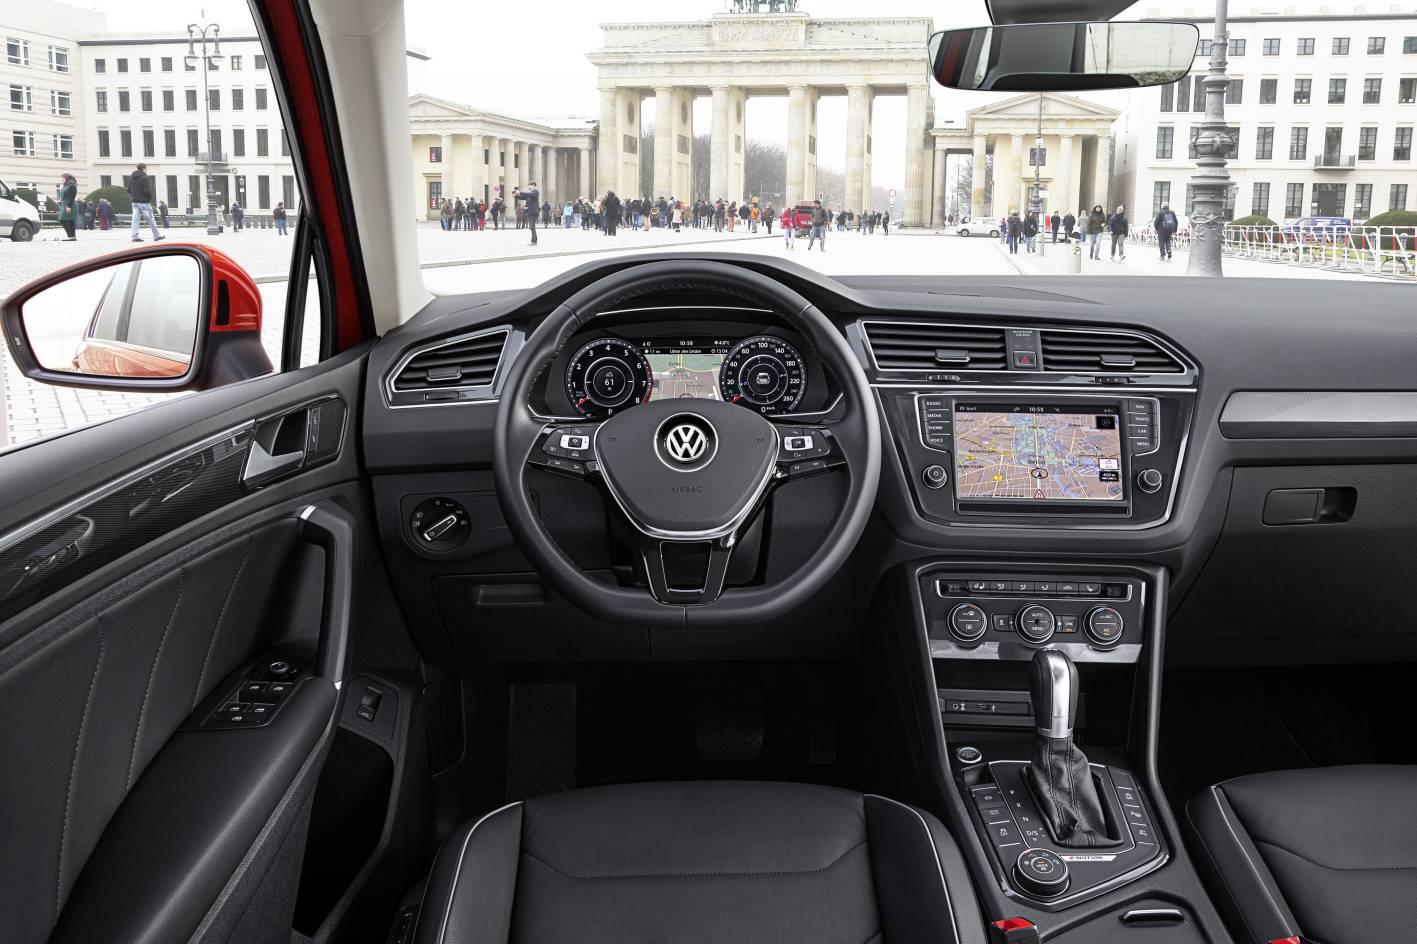 2017 volkswagen tiguan australian specs confirmed 162tsi range topper performancedrive - Volkswagen tiguan interior ...